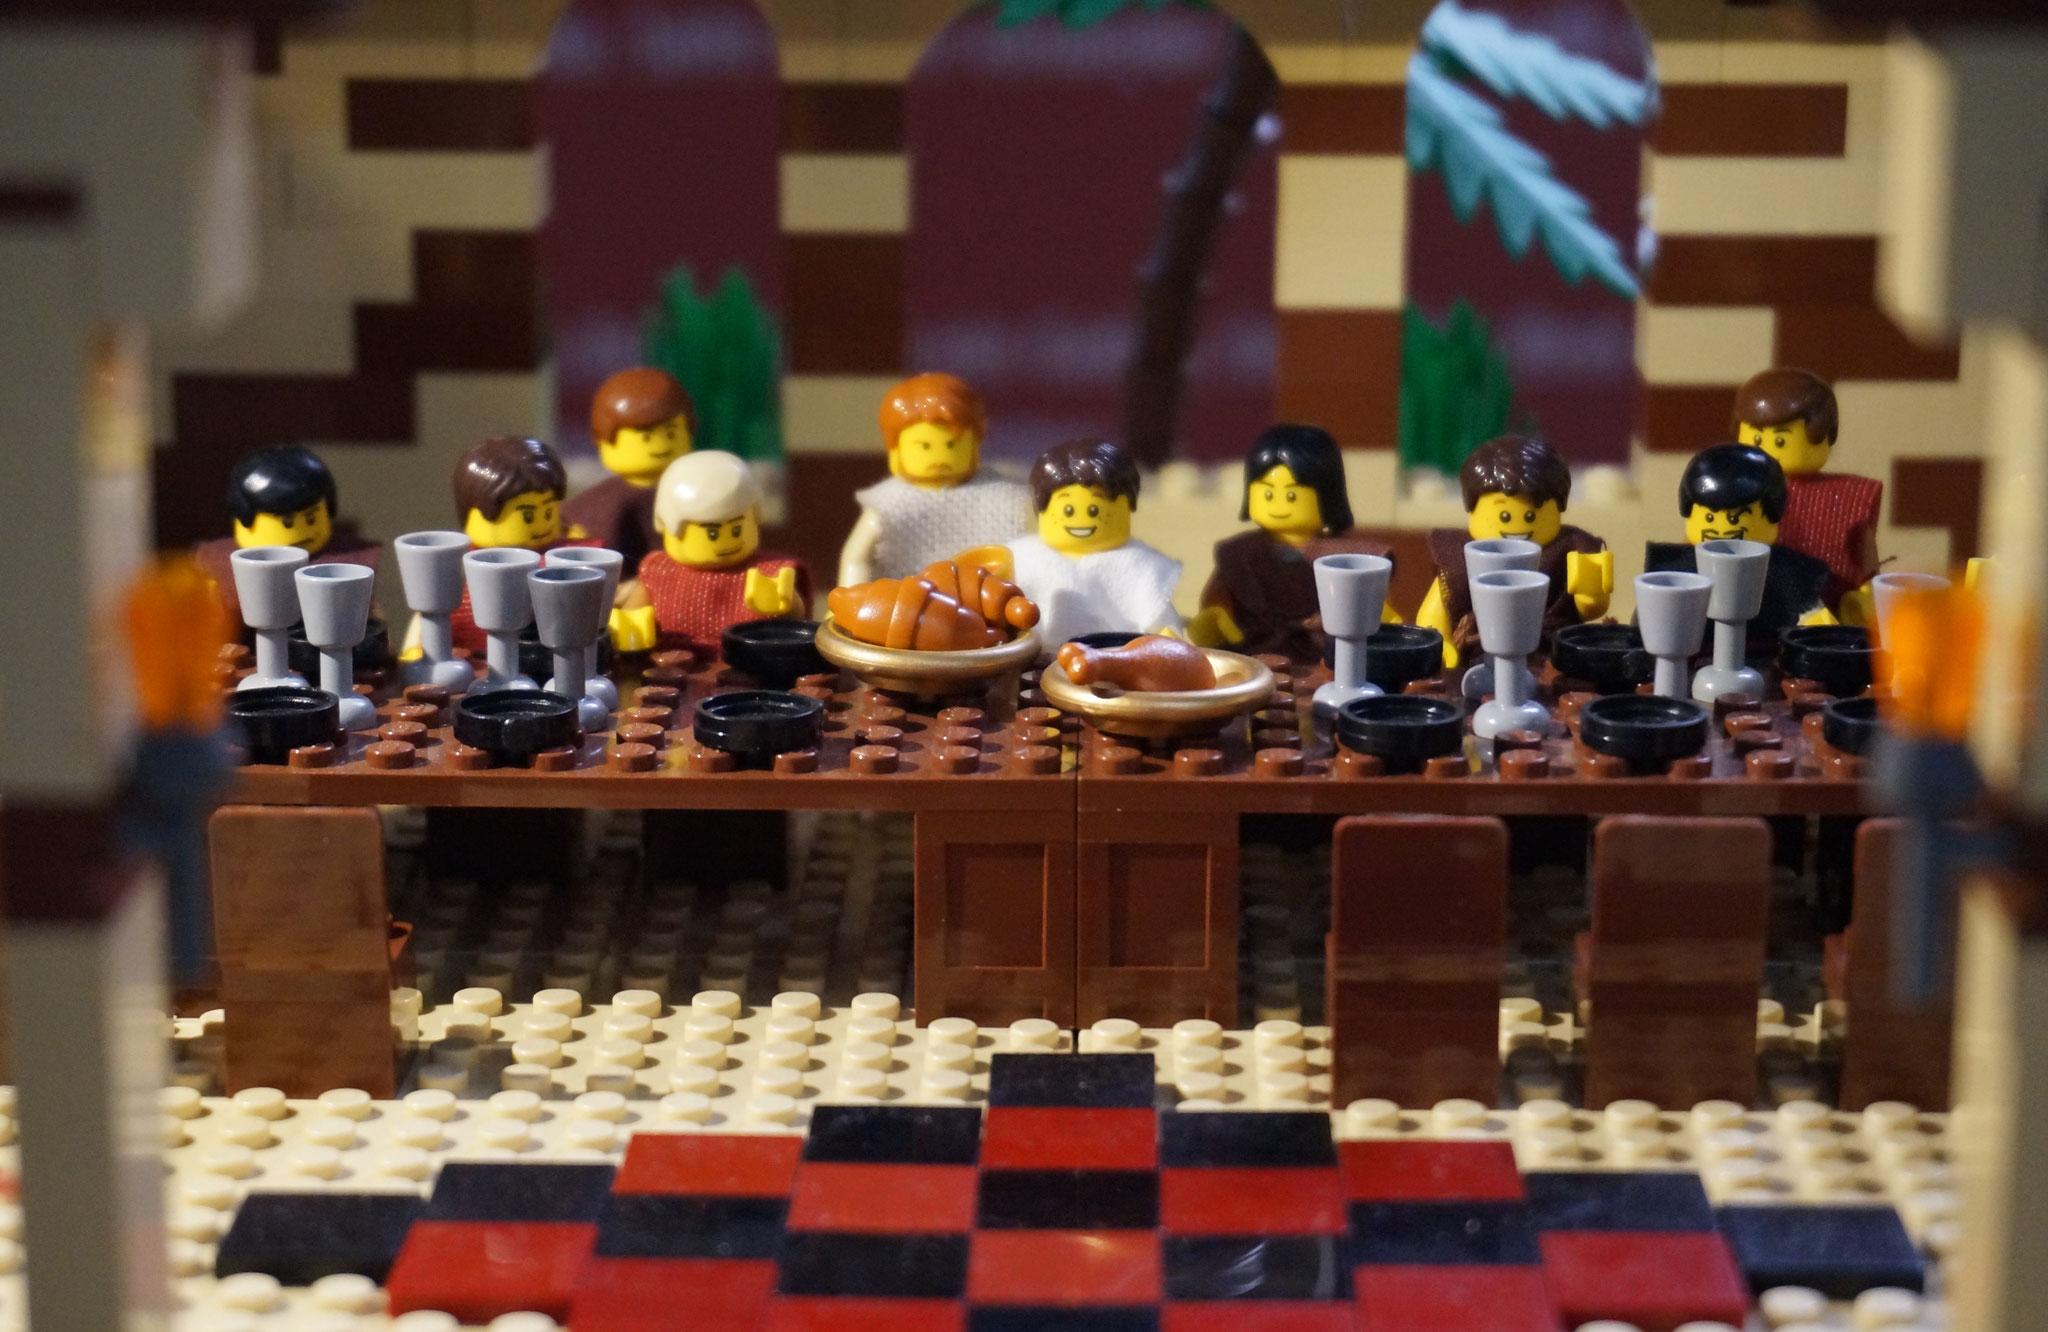 2. Station - Jesus feiert das letzte Abendmahl